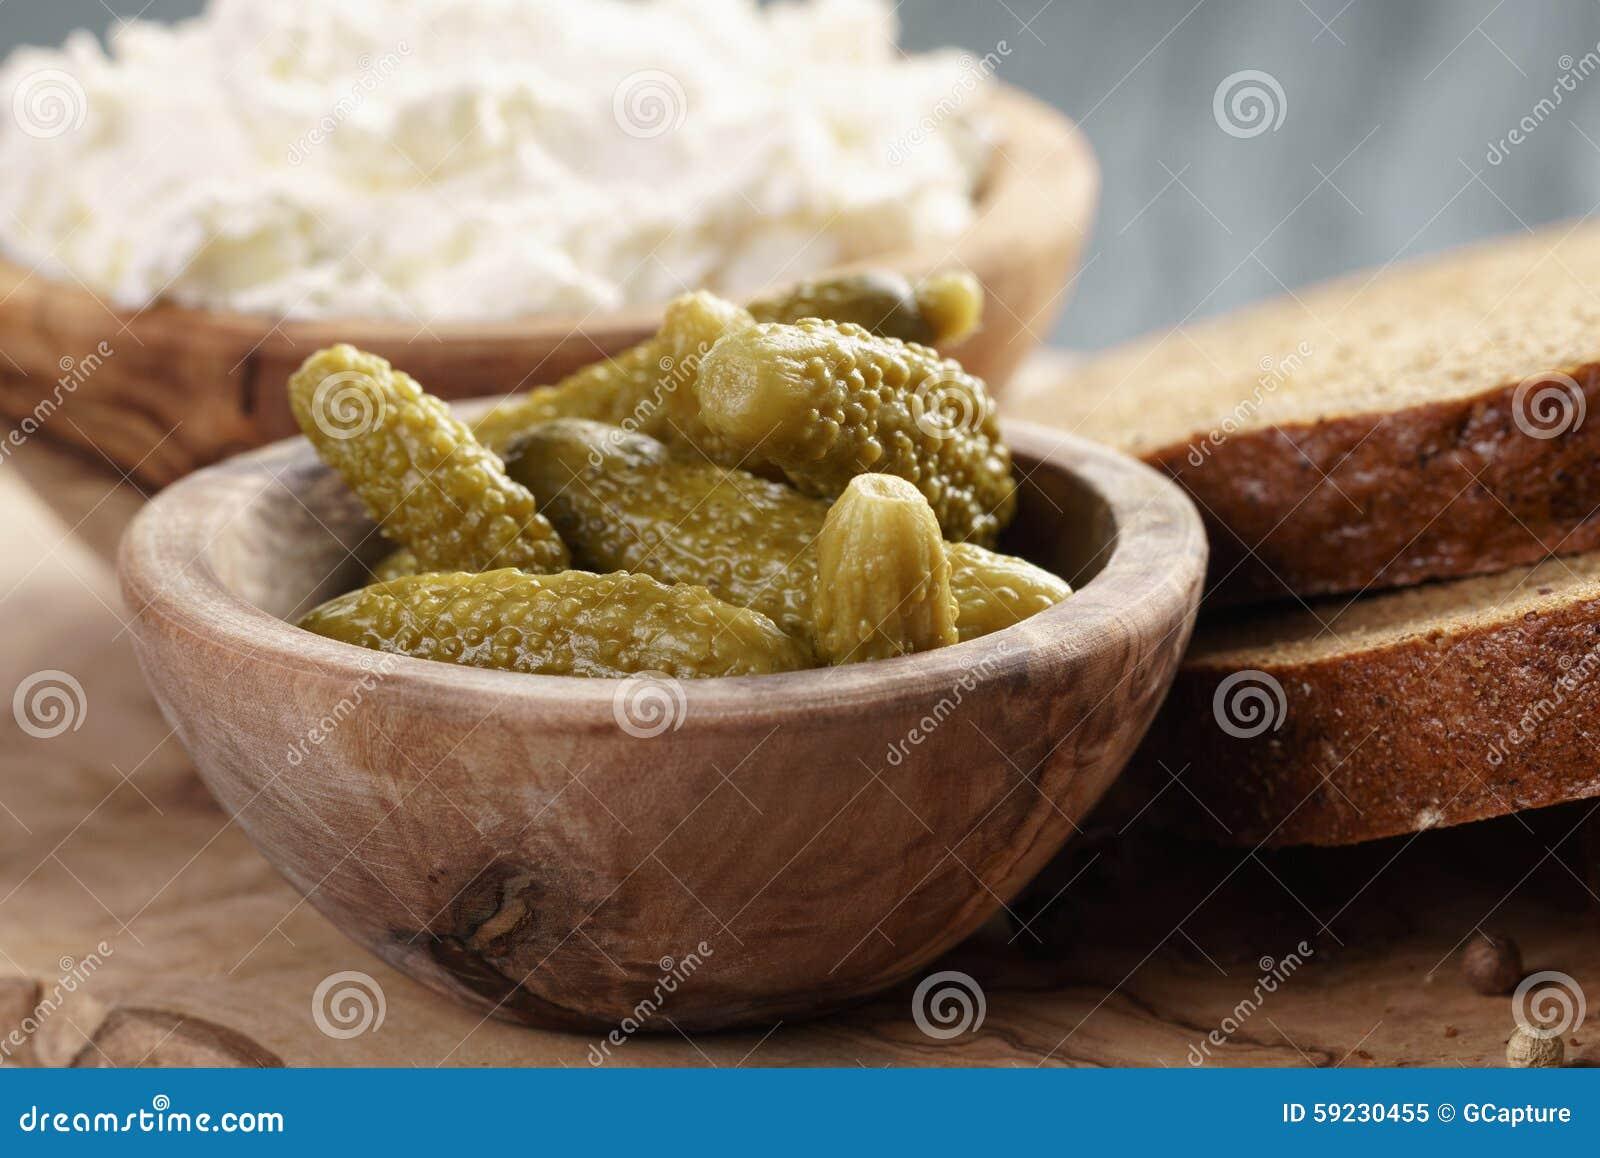 Download Ingredientes Para El Bocadillo Con Queso Crean Y Imagen de archivo - Imagen de fresco, ingrediente: 59230455